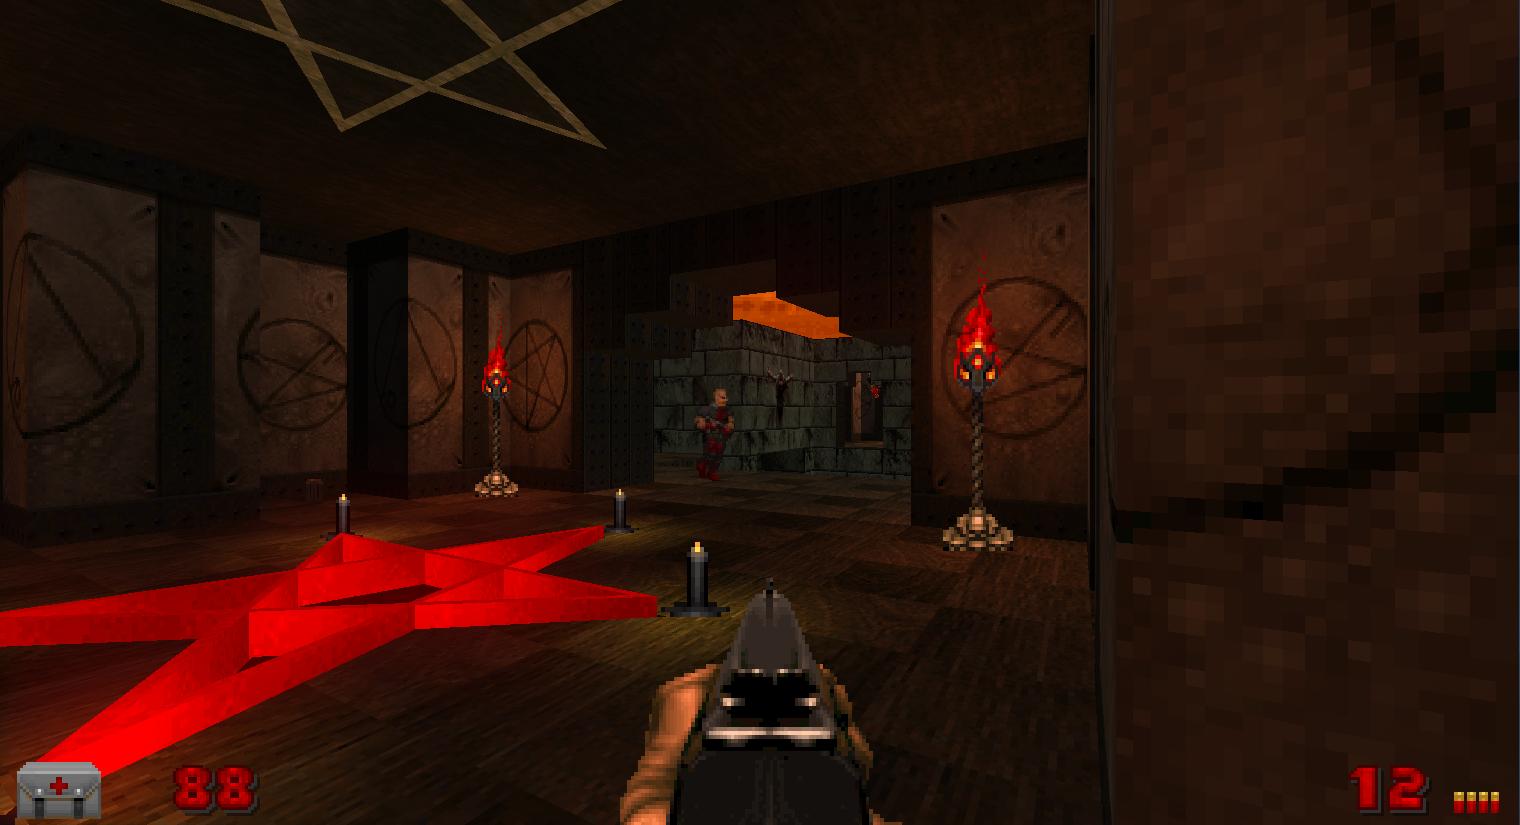 DoomScreenshot1.PNG